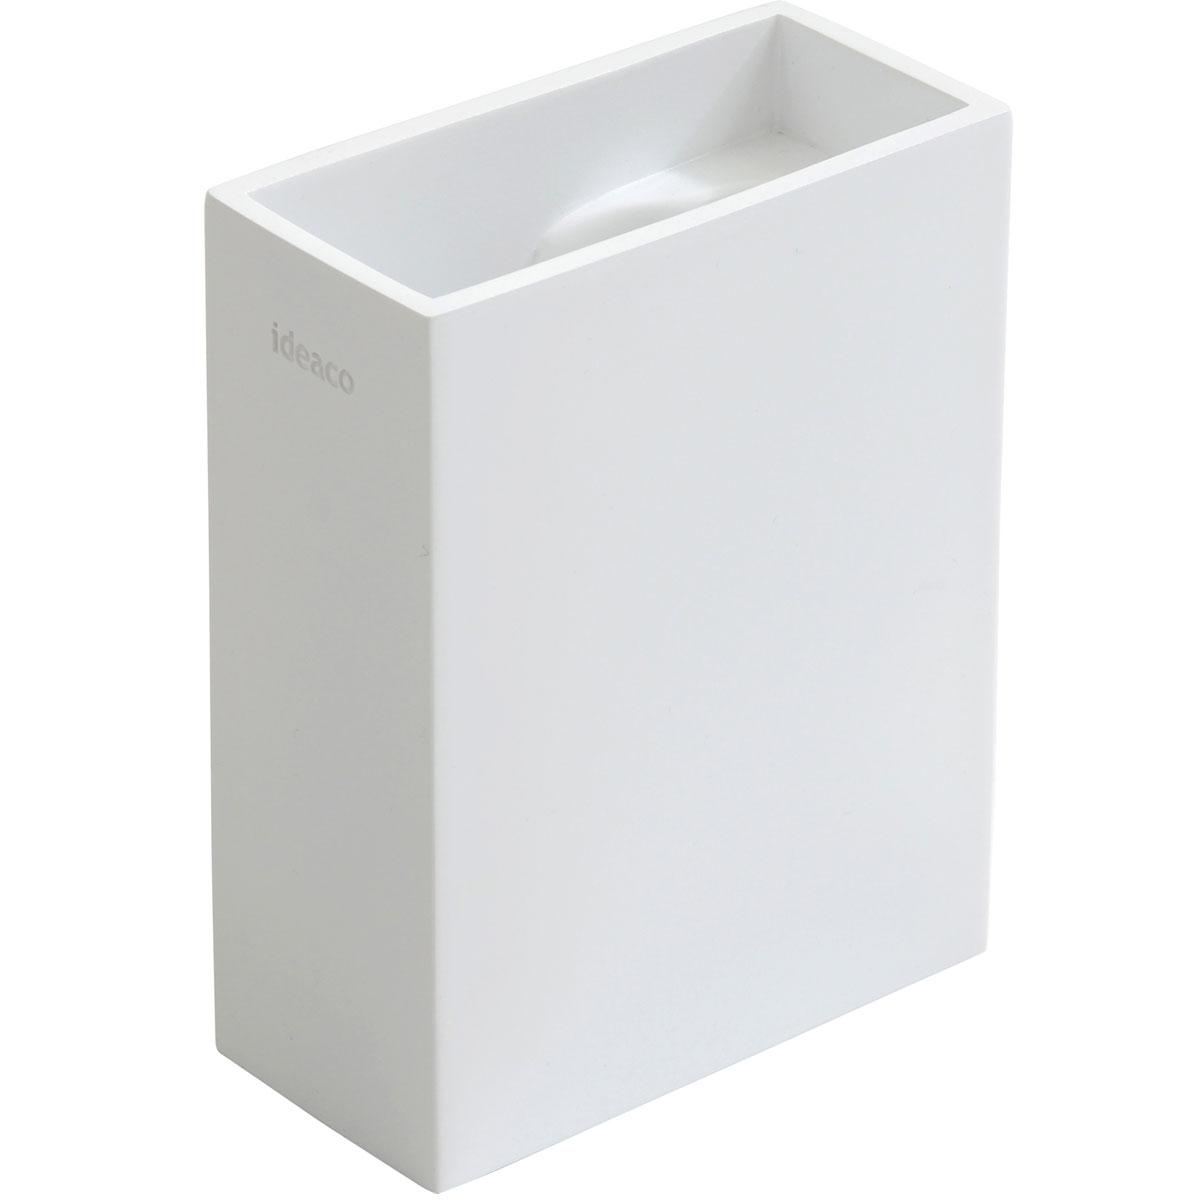 【選べるカラー】トイレブラシスタンド ideaco SB stand 流せるトイレブラシ用 イデアコ エスビースタンド ホワイト